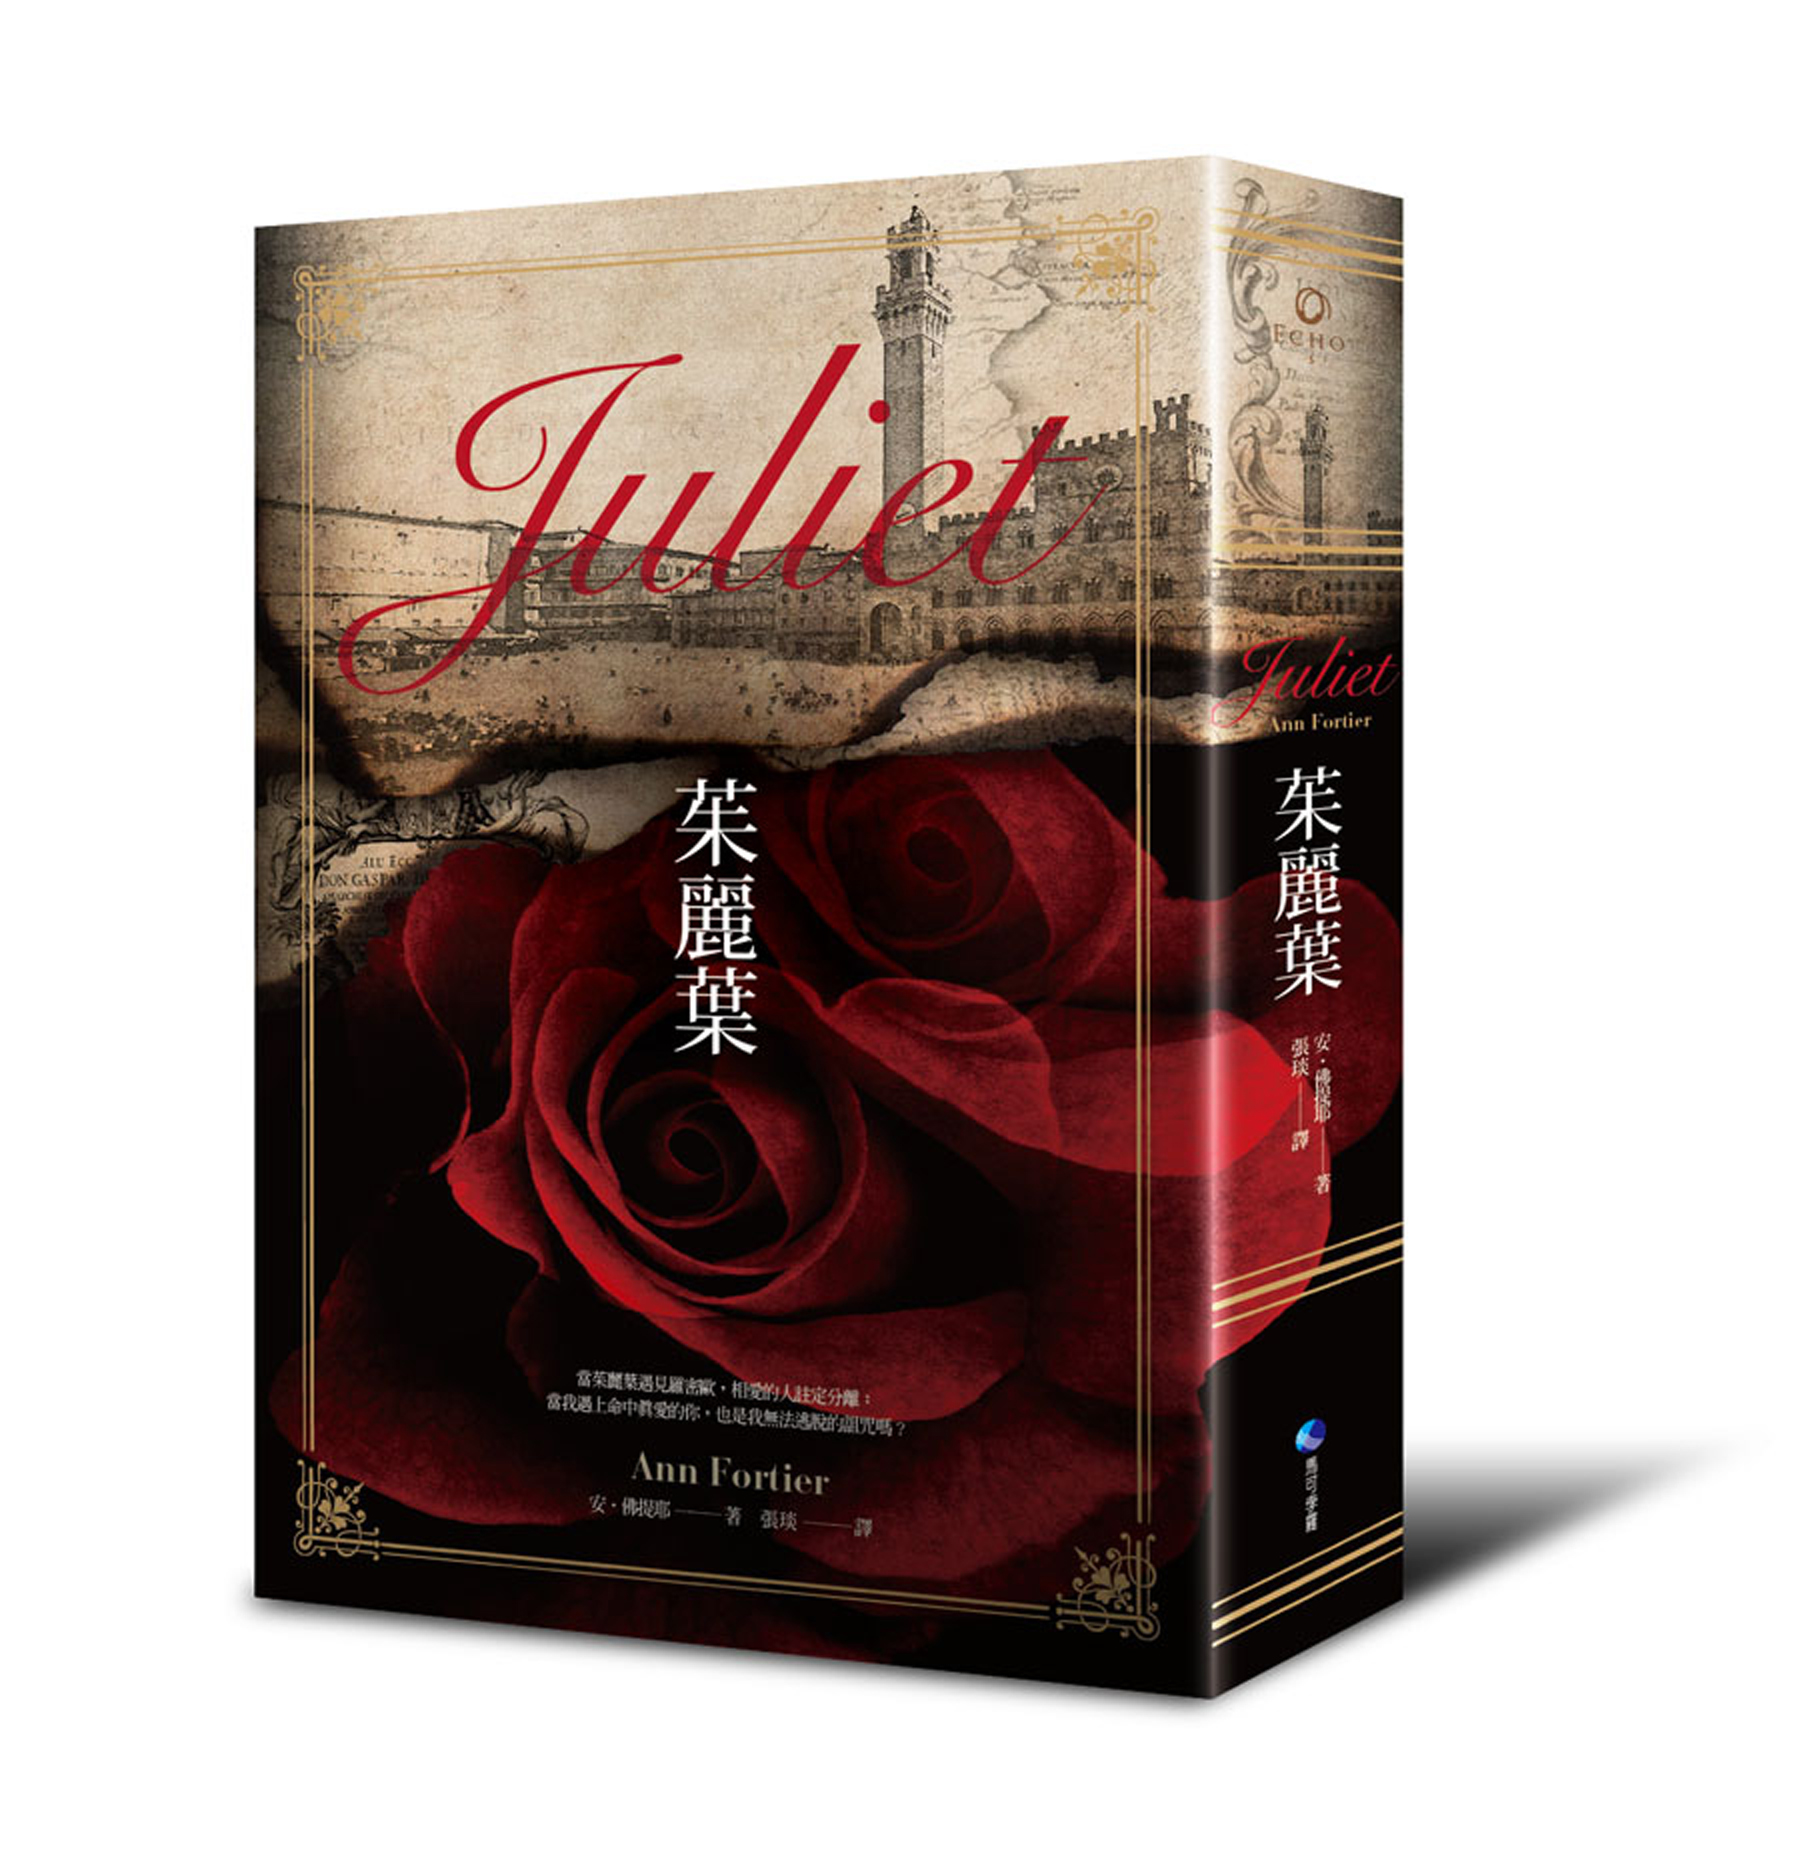 茱麗葉-誠品獨家書盒.jpg